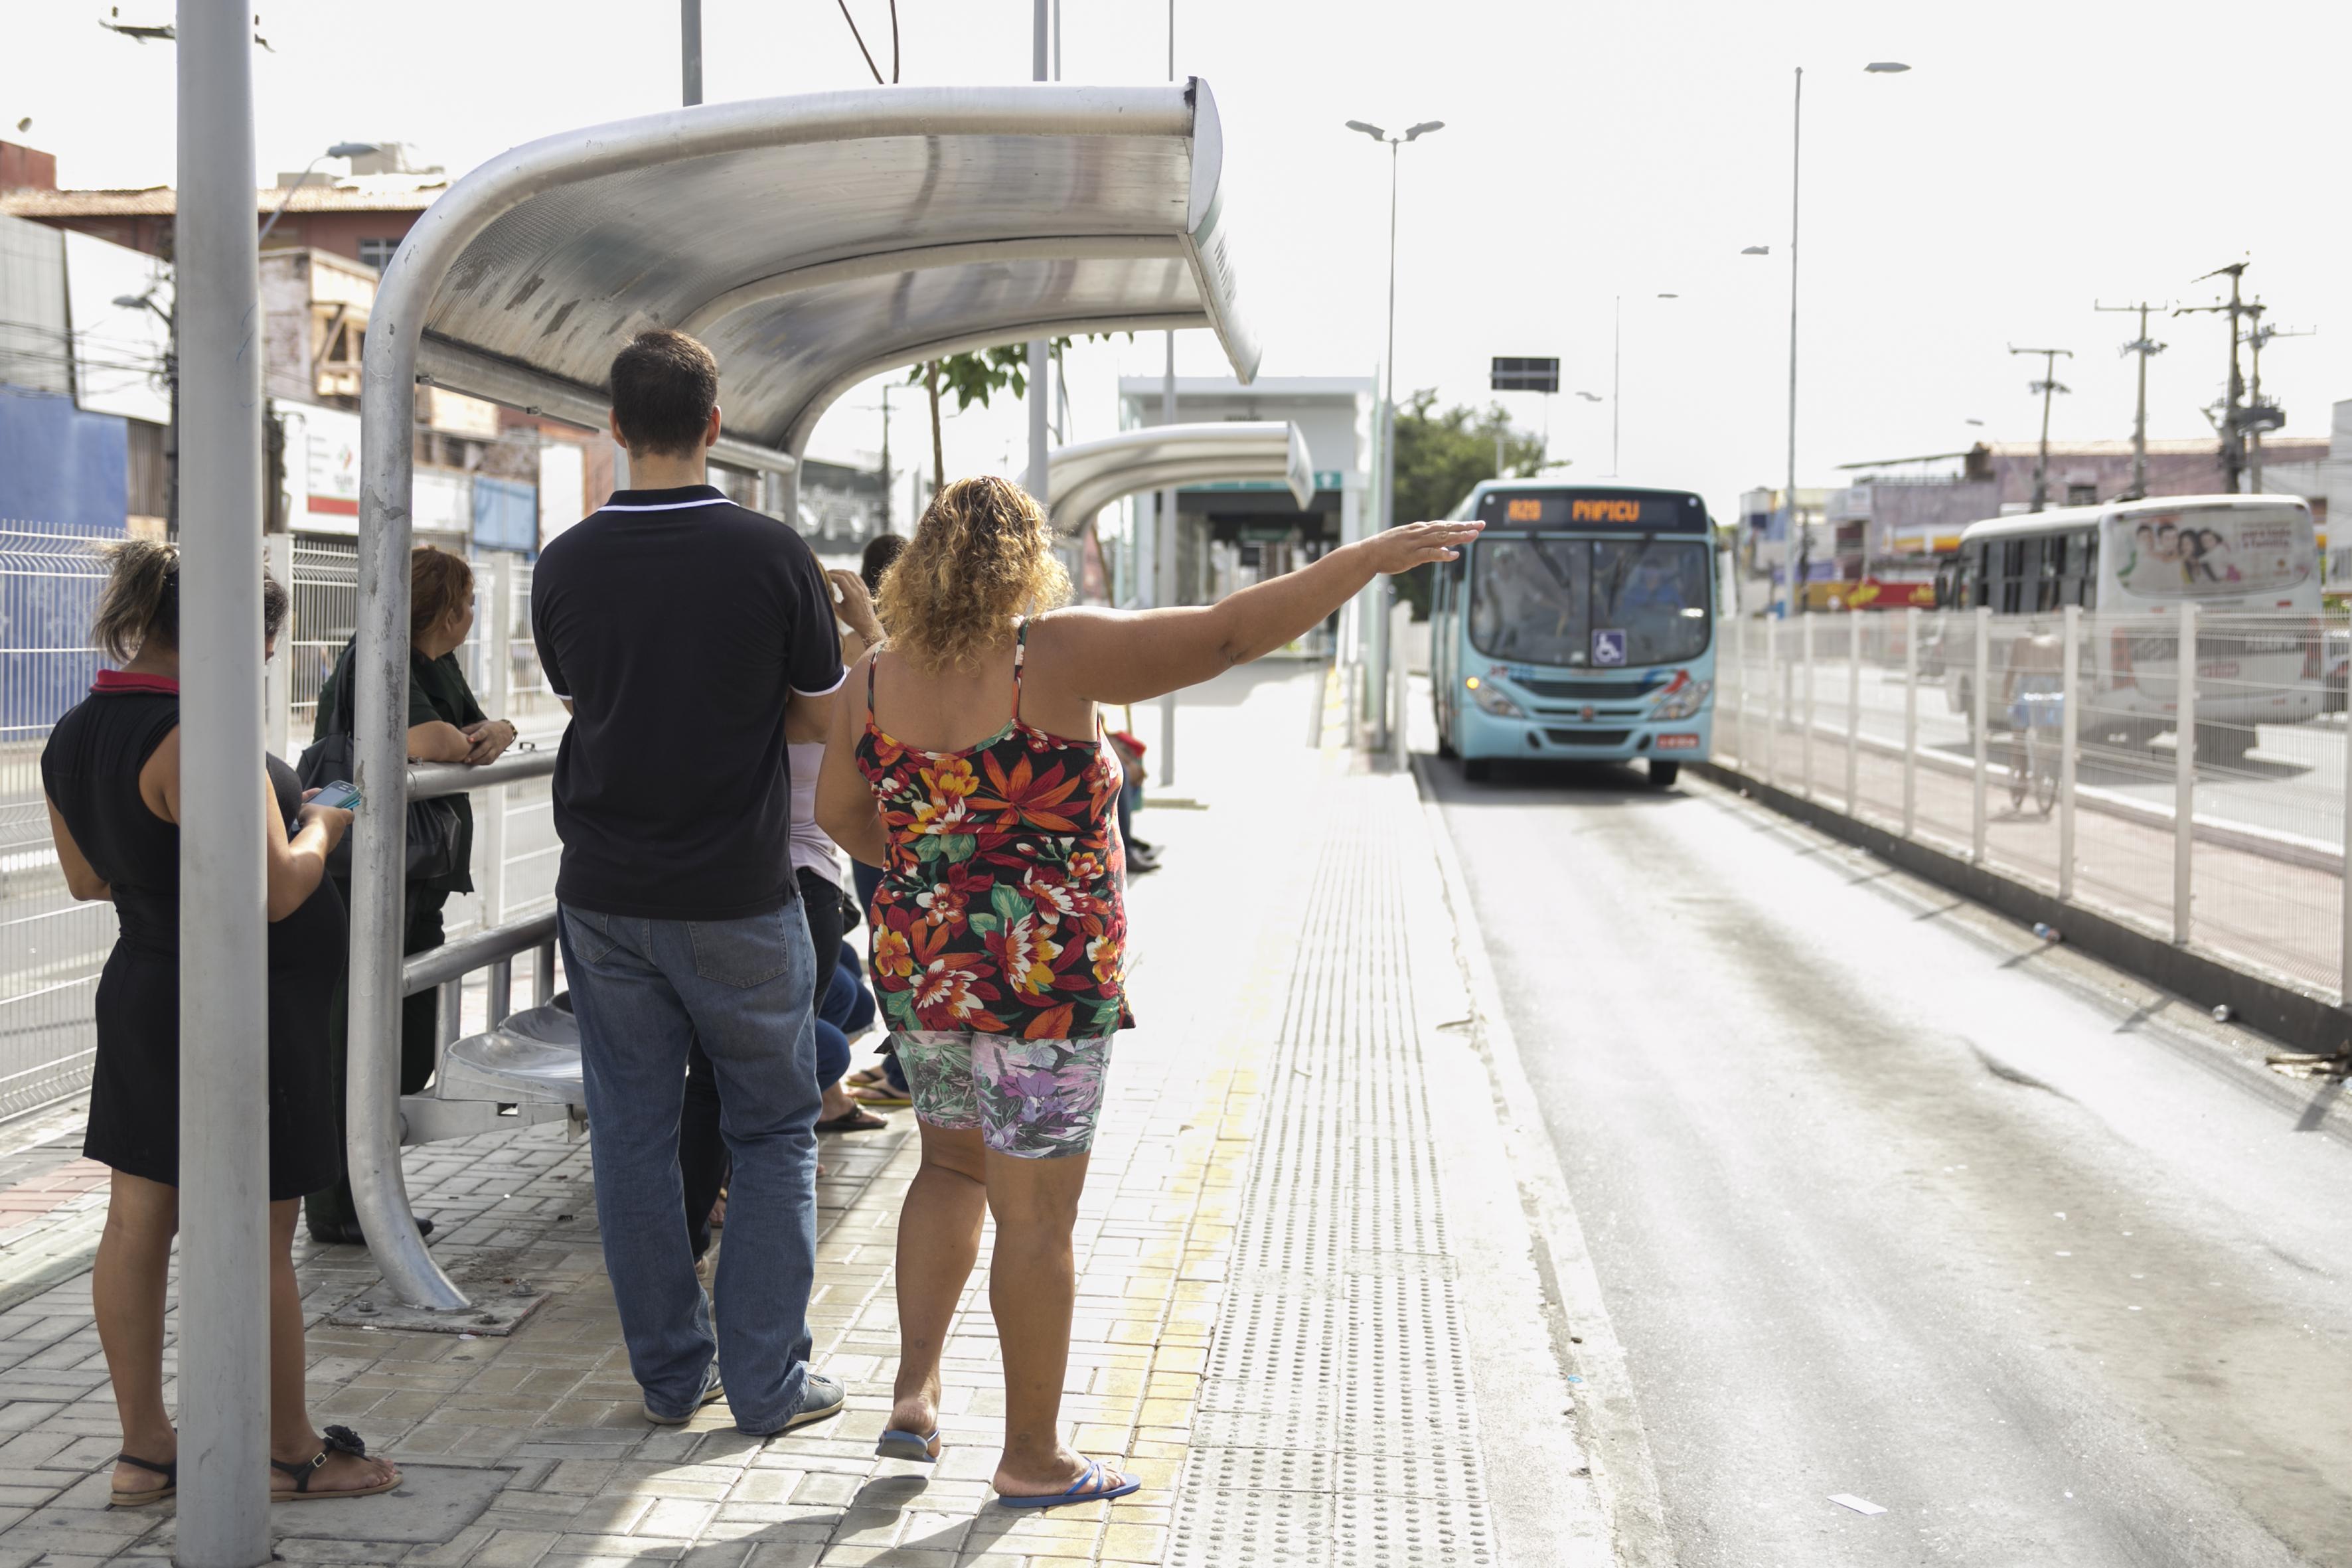 mulher no ponto de parada esperando o transporte público